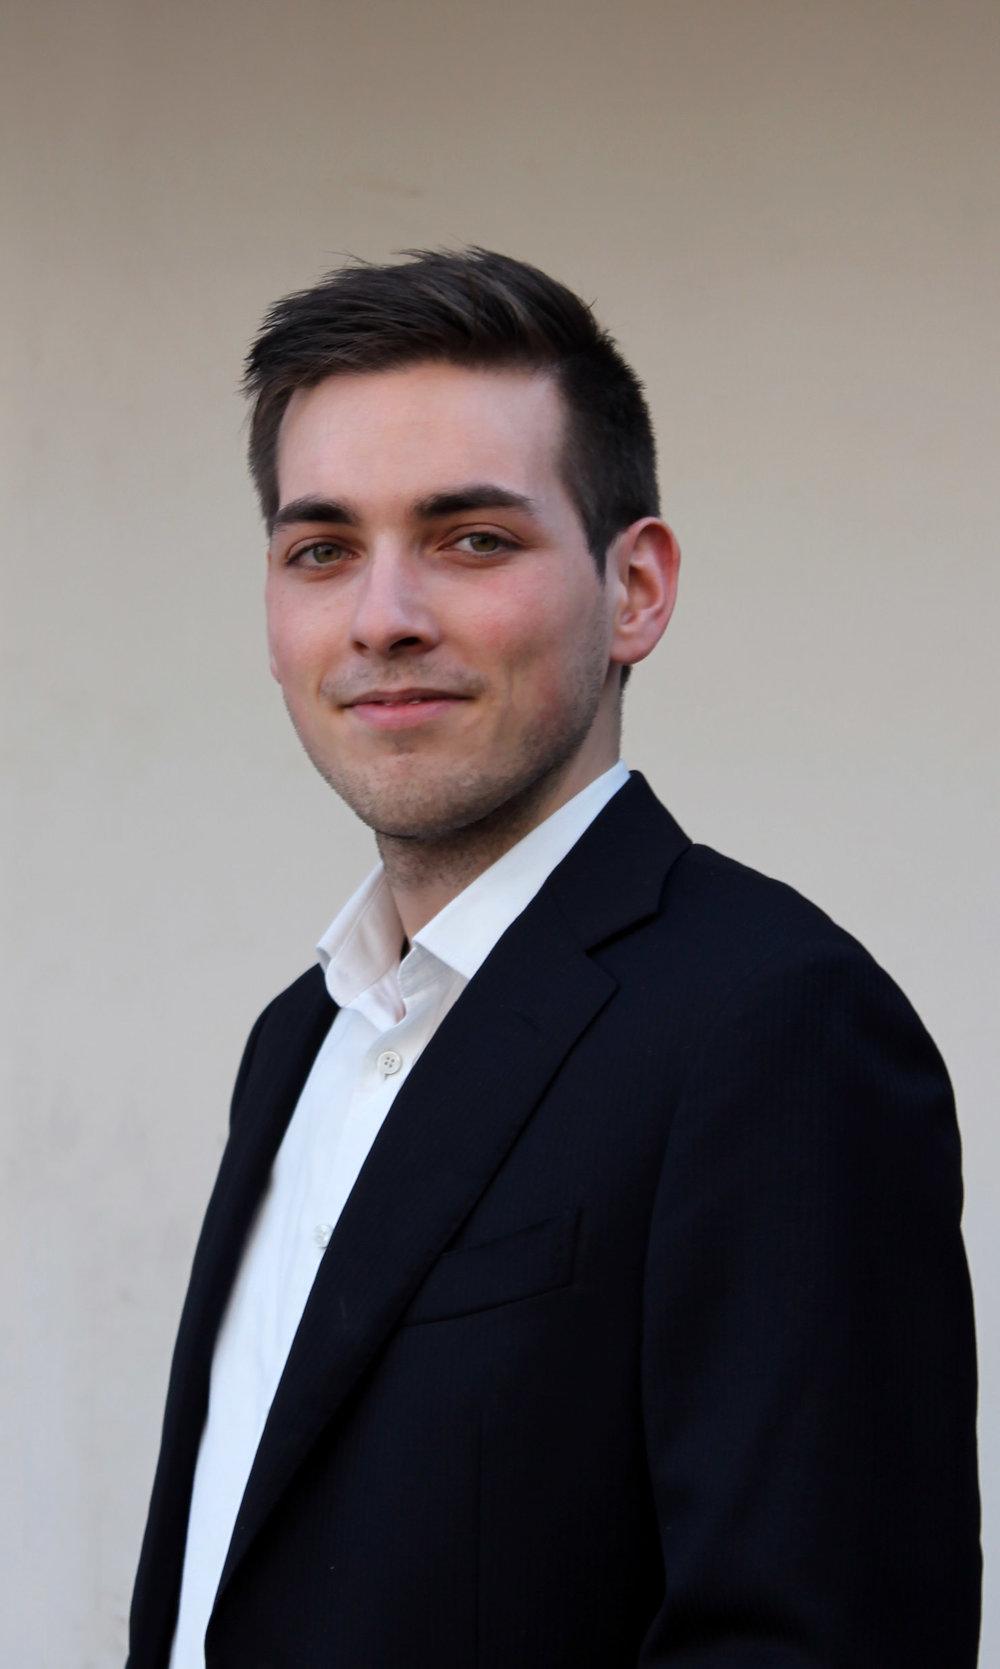 Ing. Jesse Bakker